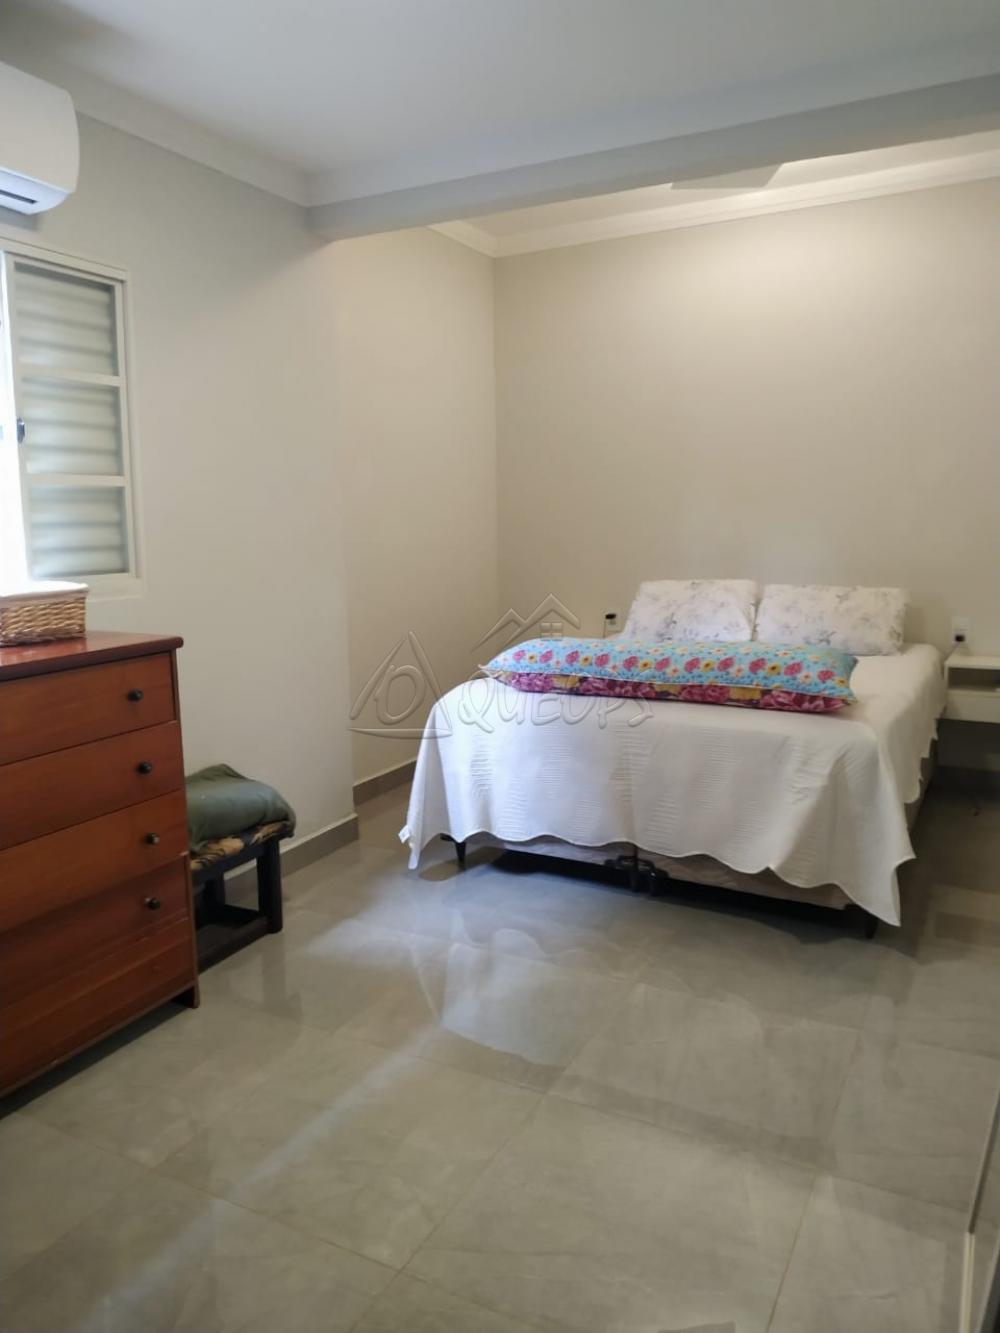 Comprar Casa / Padrão em Barretos apenas R$ 230.000,00 - Foto 7